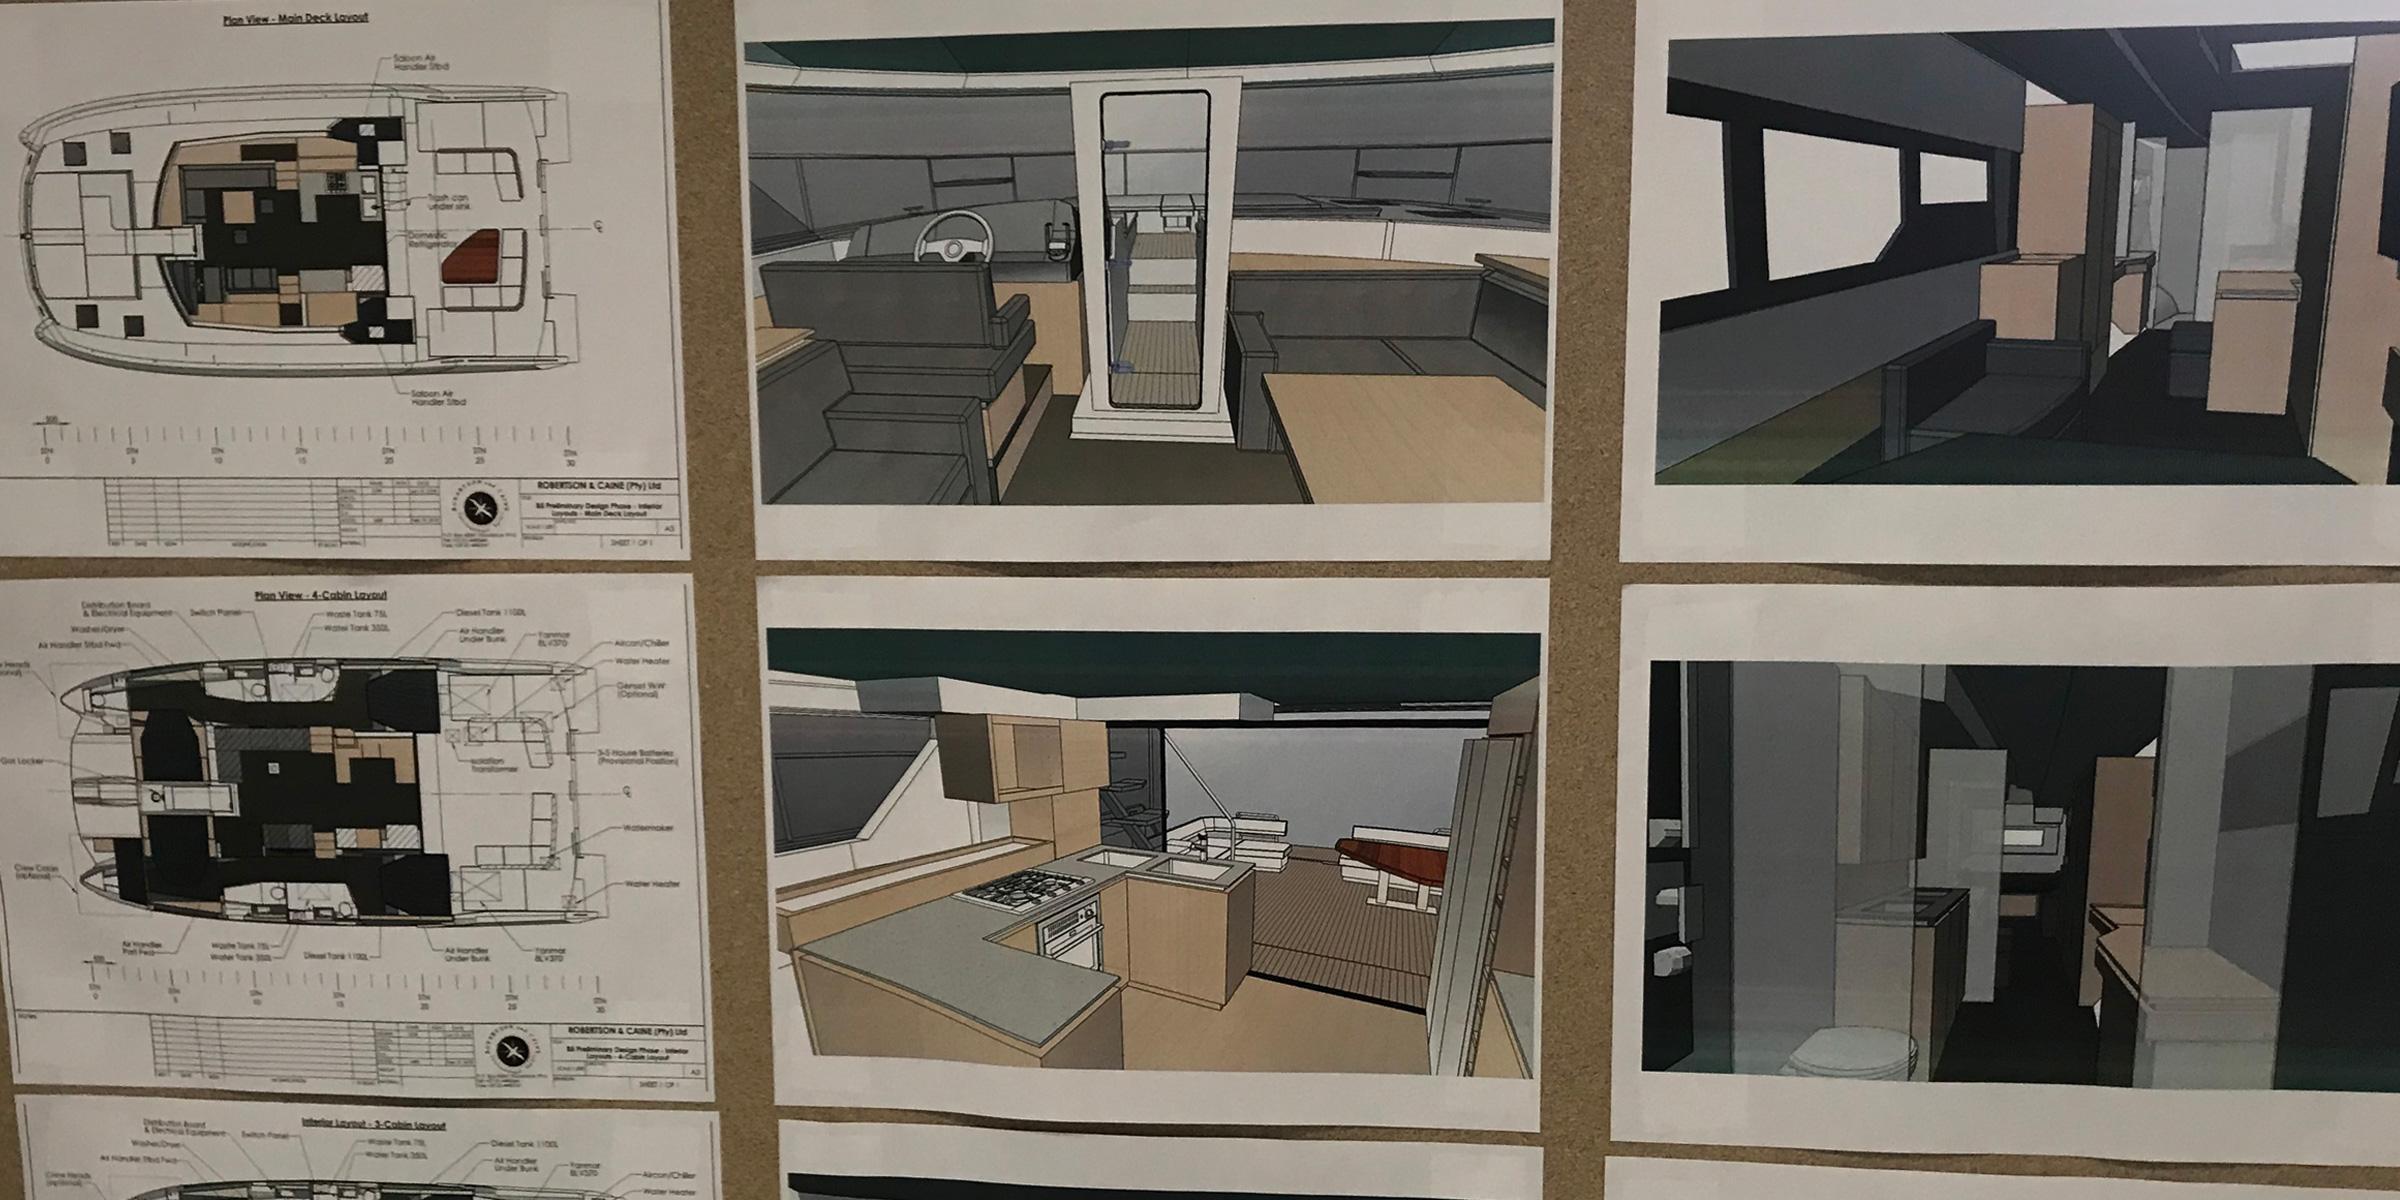 Catamaran design - Layouts and renderings